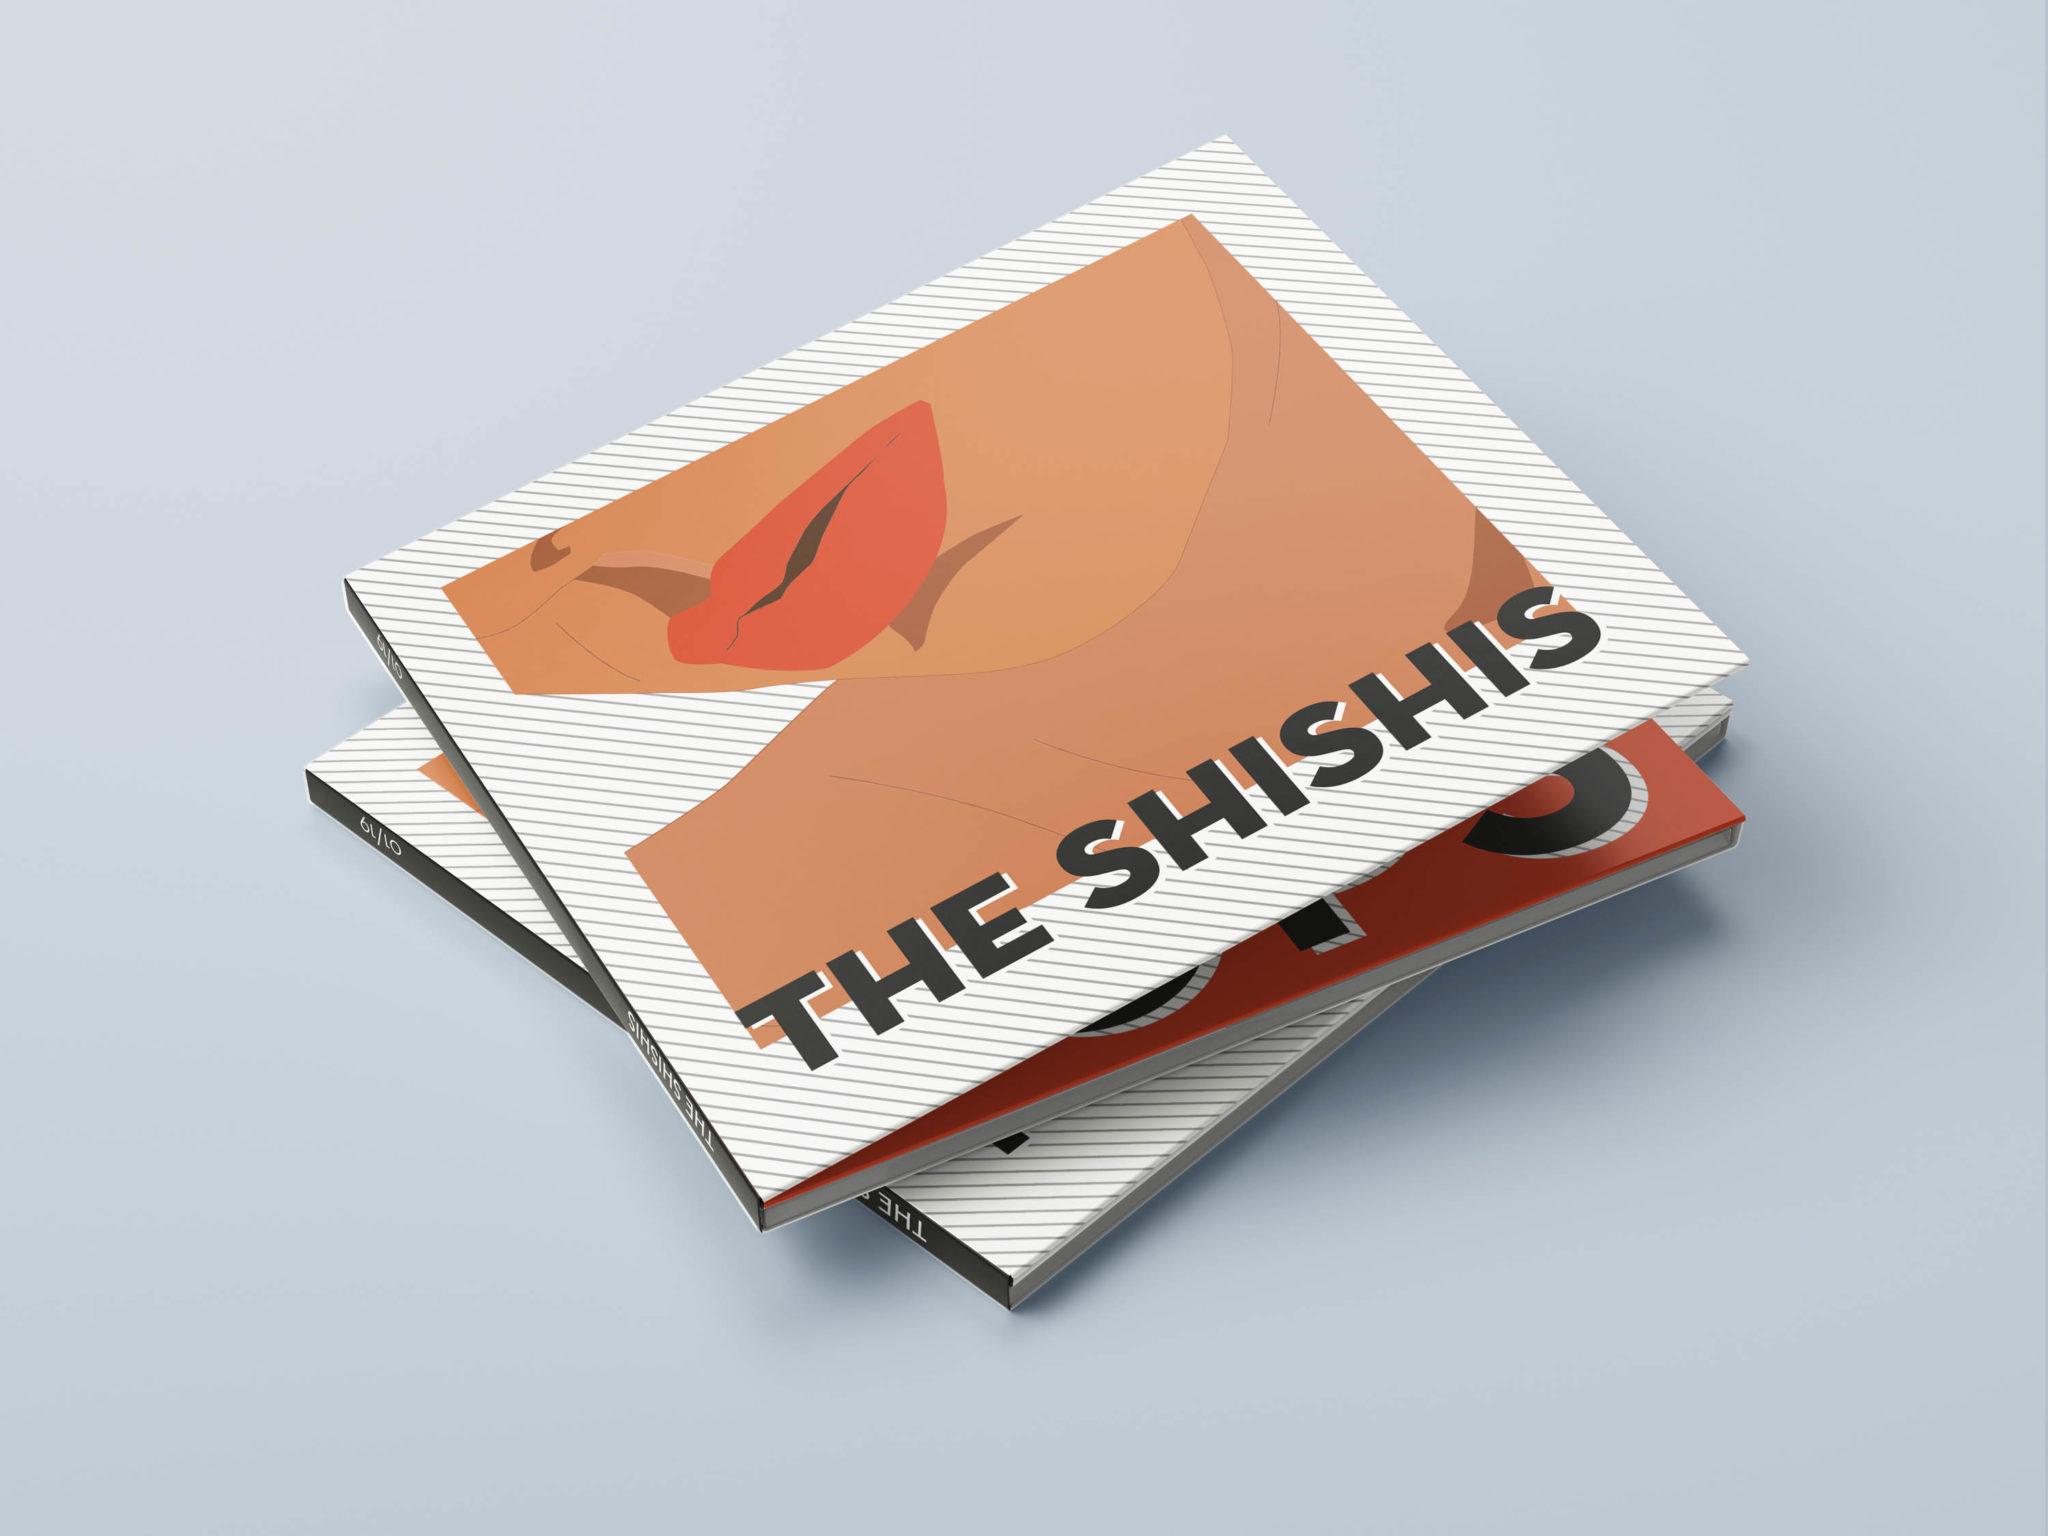 shishis